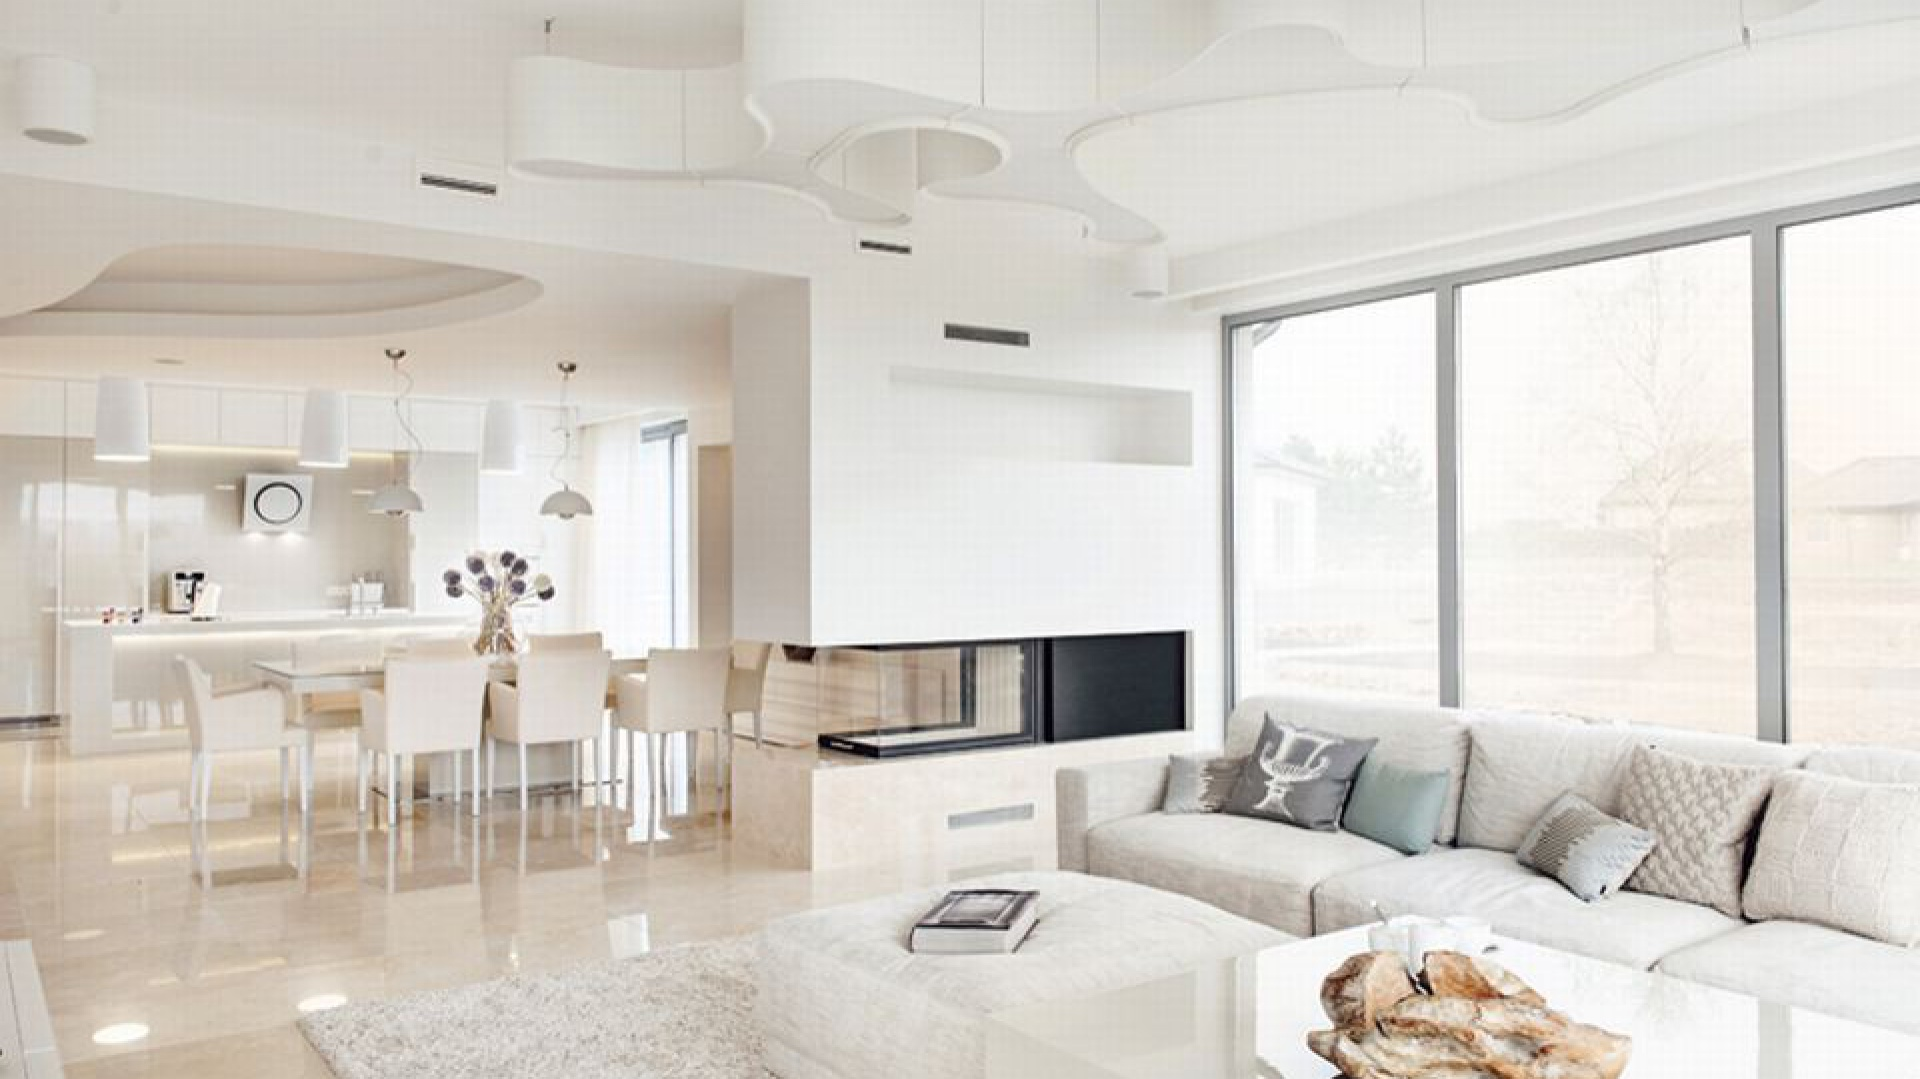 Właścicielem wnętrza jest gdyński biznesmen, dla którego dom miał być ostoją spokoju, odizolowania i relaksu. Projekt Formativ. Fot. Archiconnect.pl